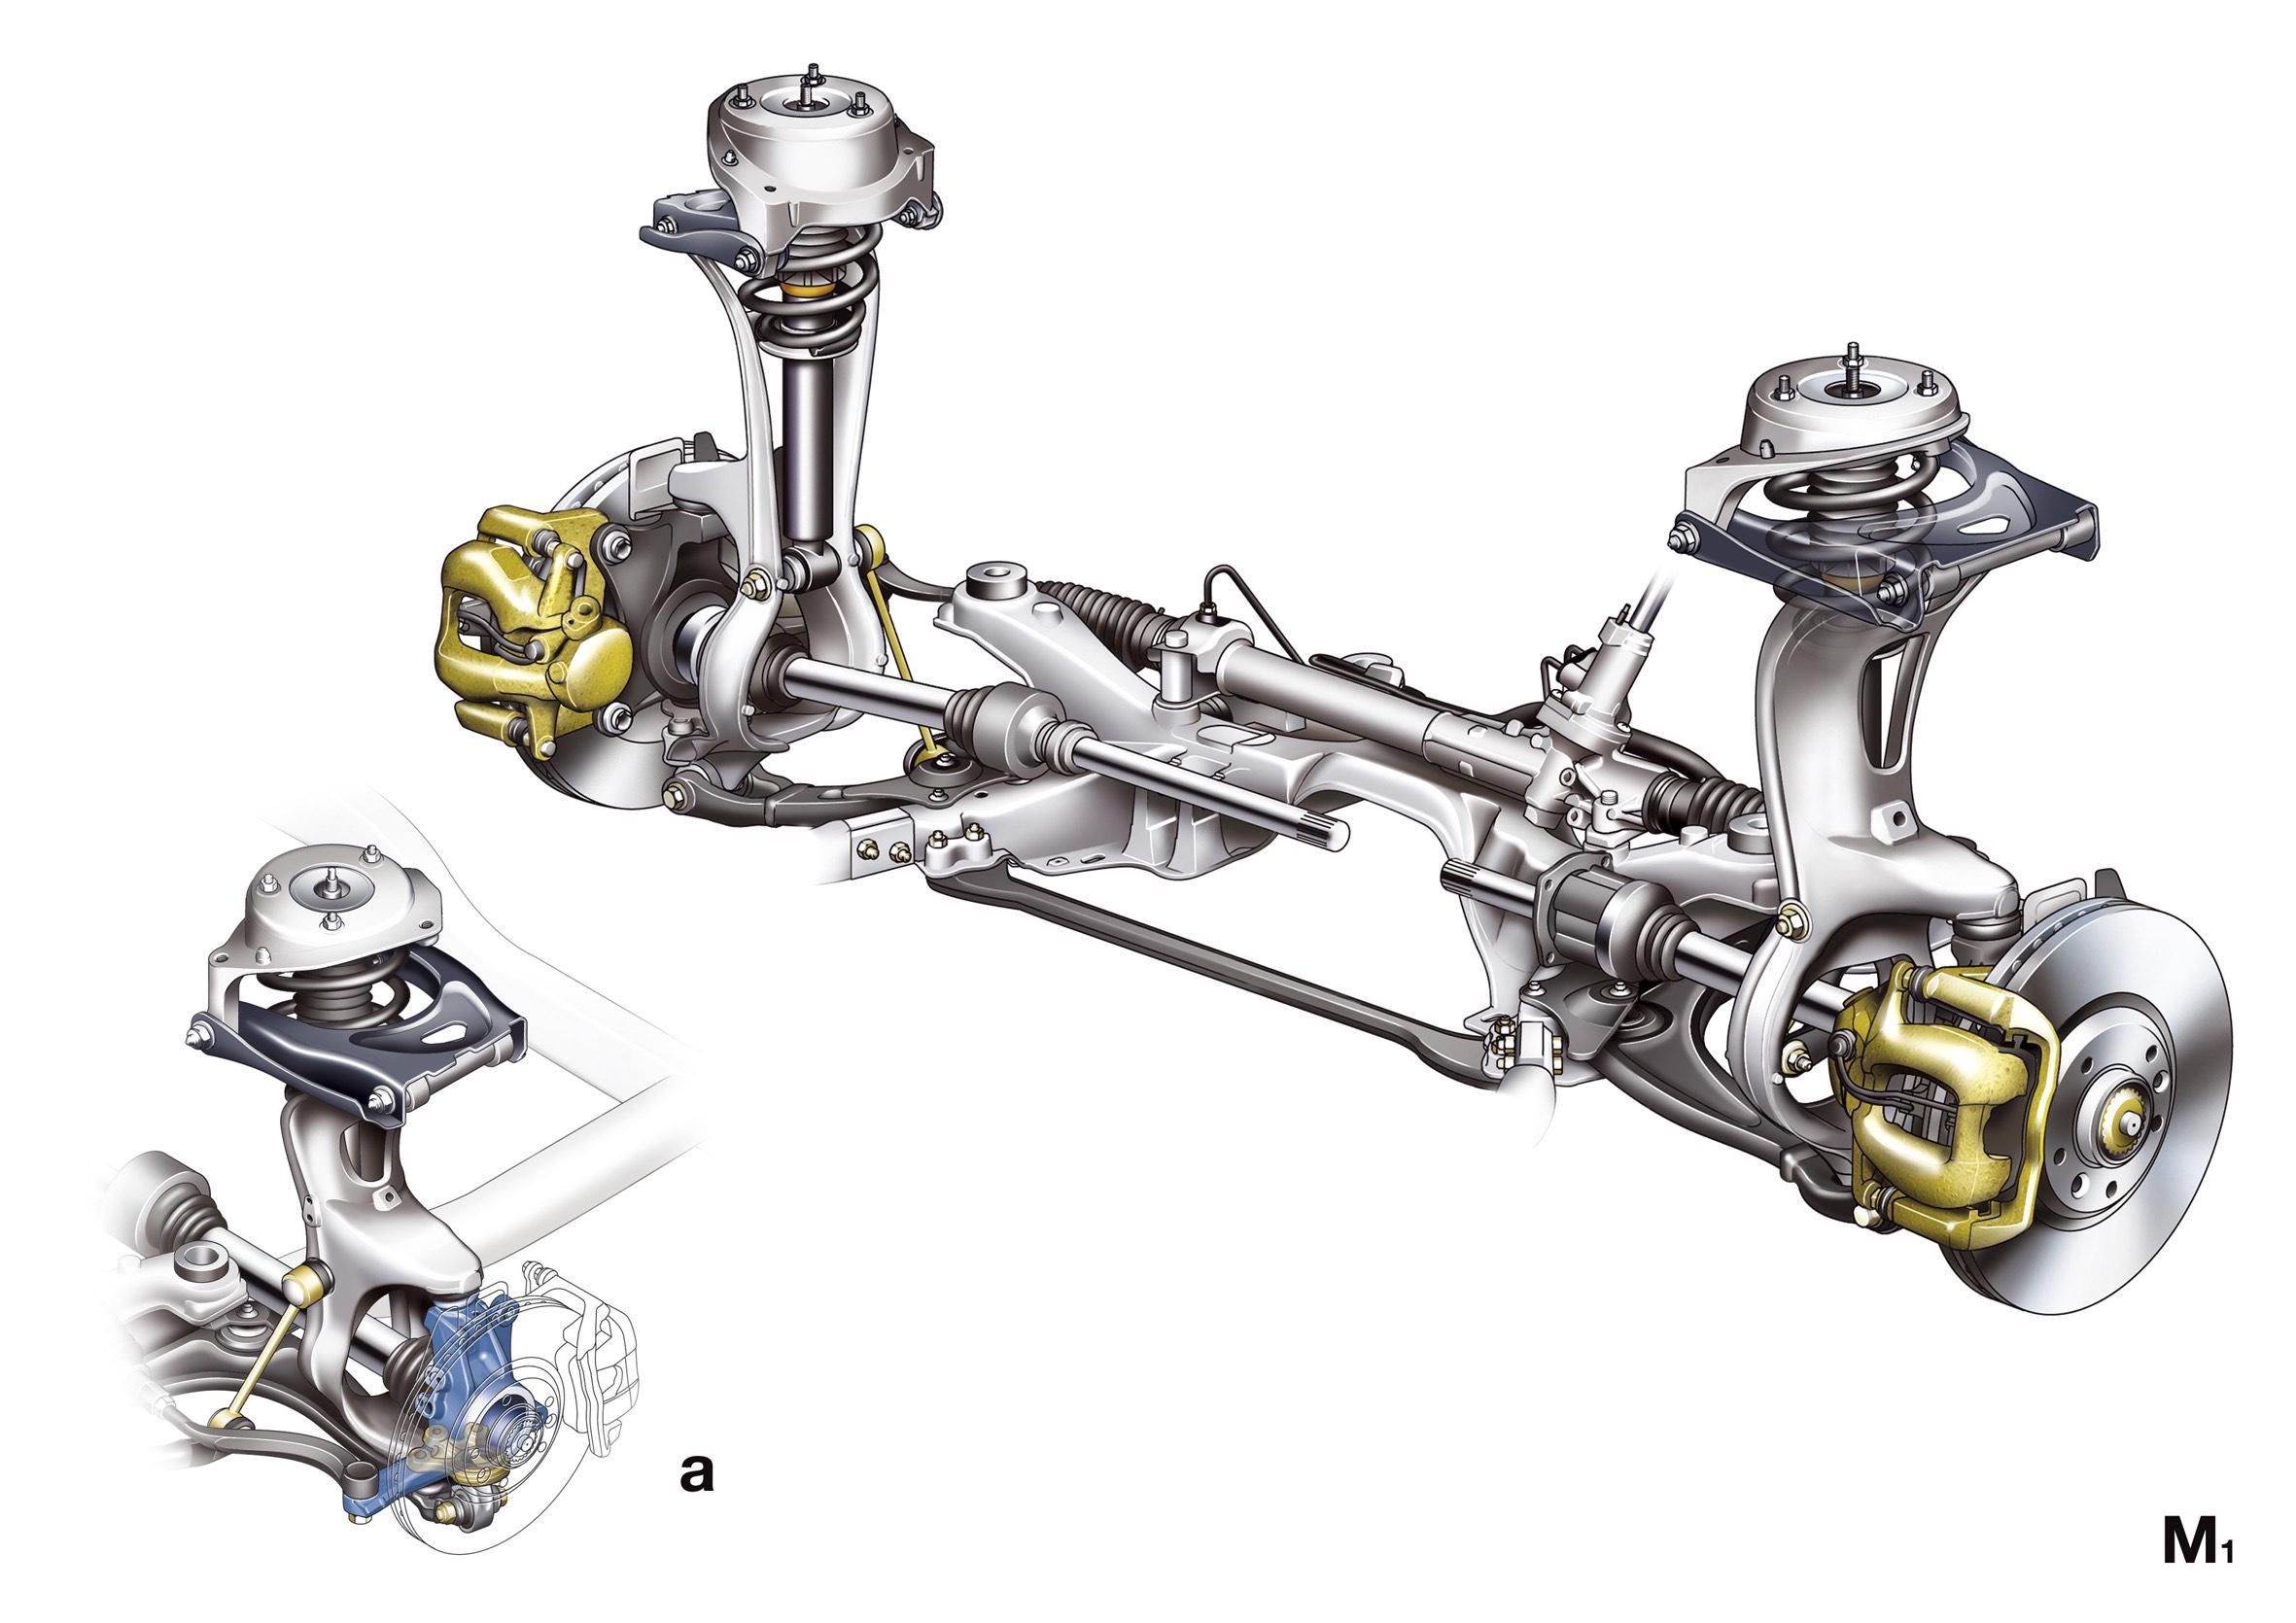 Citroen C5 Ii To Udany Samochod Klasy Redniej Co Si W